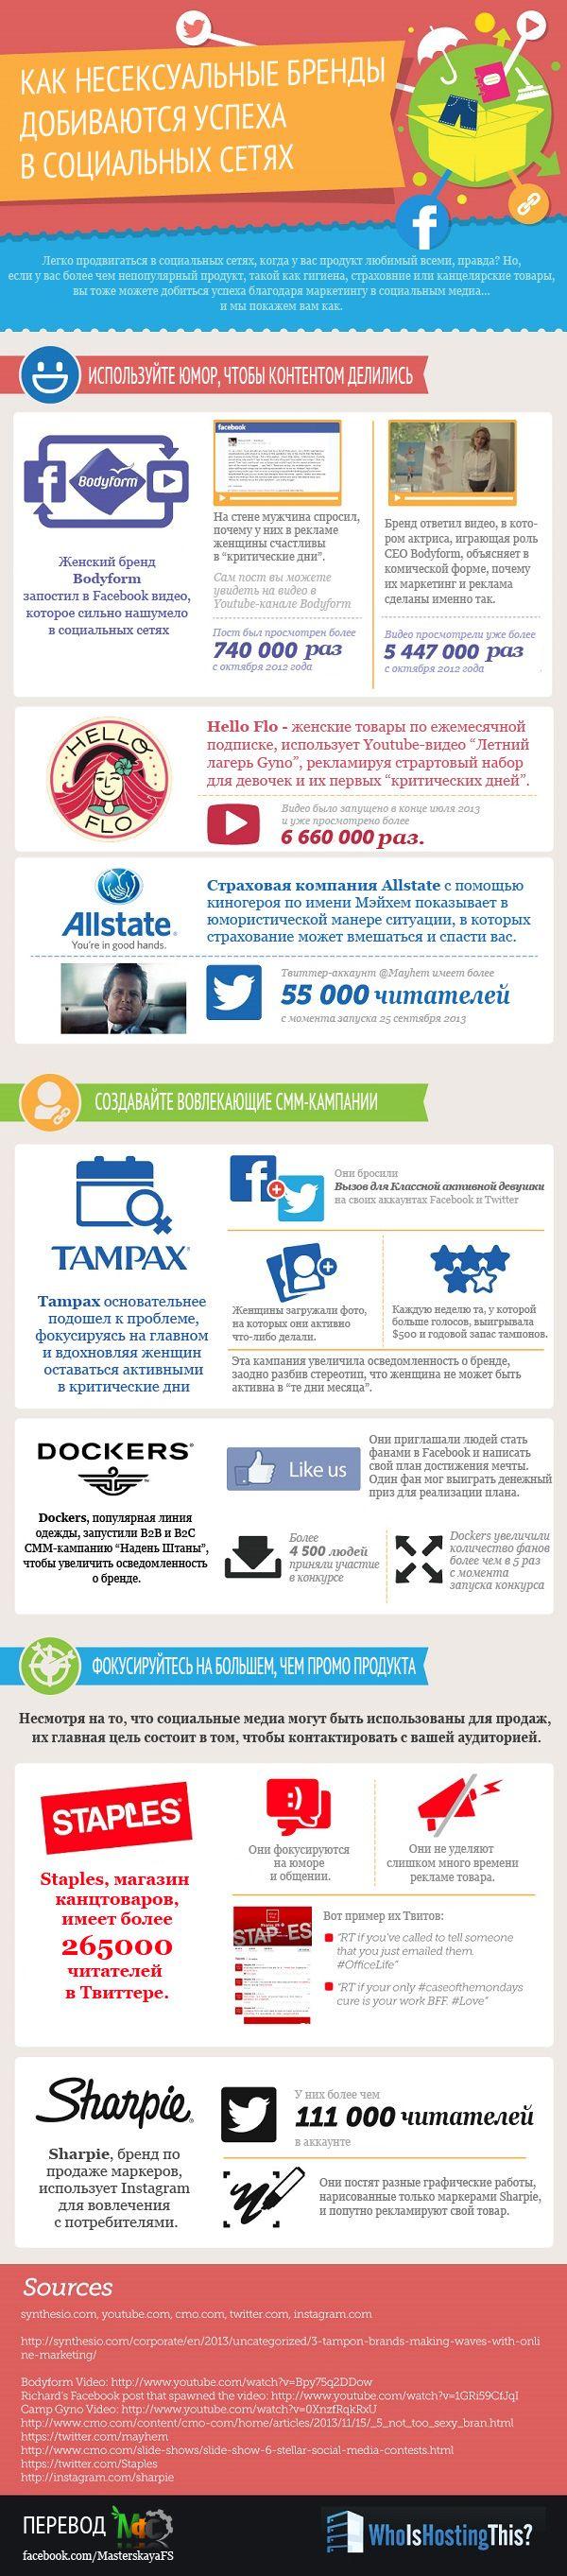 """Продвижение """"скучных"""" бизнесов в соцсетях. Примеры в формате инфографики"""